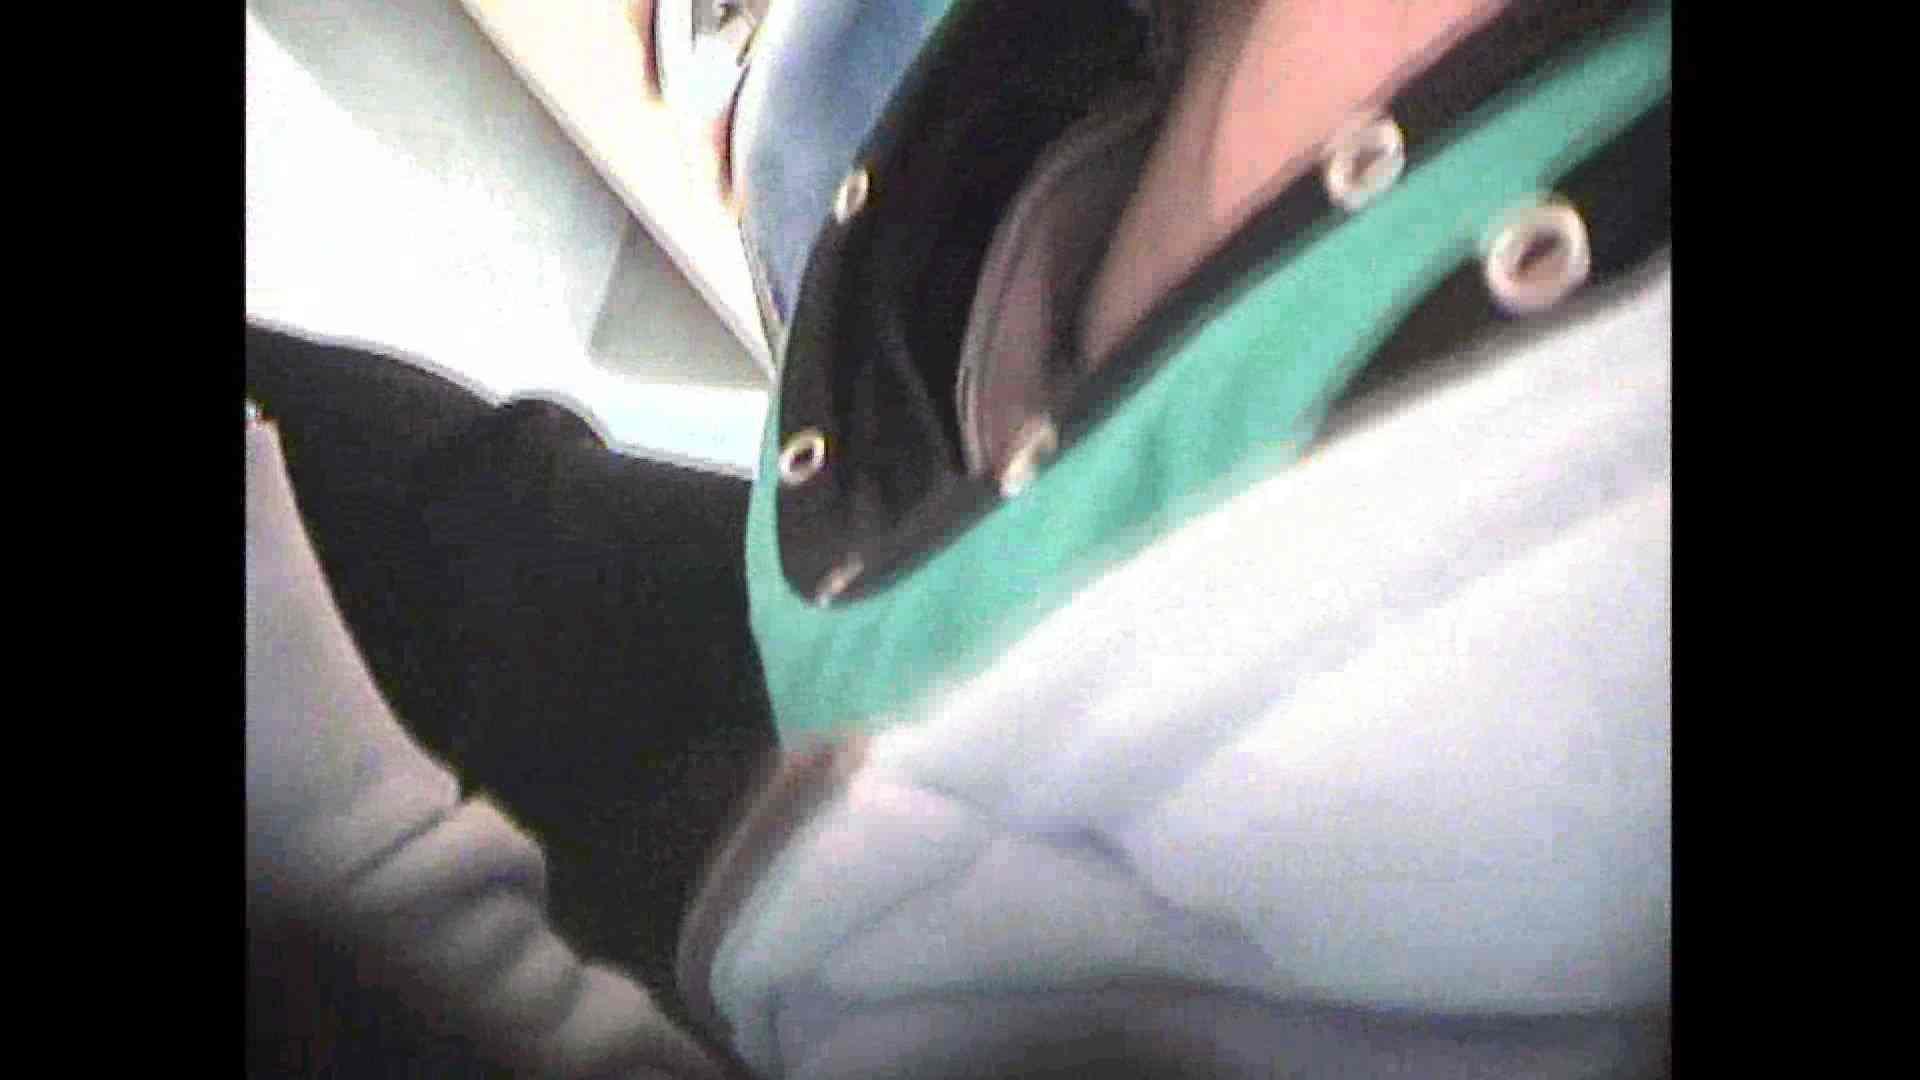 働く美女の谷間参拝 Vol.40 コスチューム 盗み撮りSEX無修正画像 92pic 14